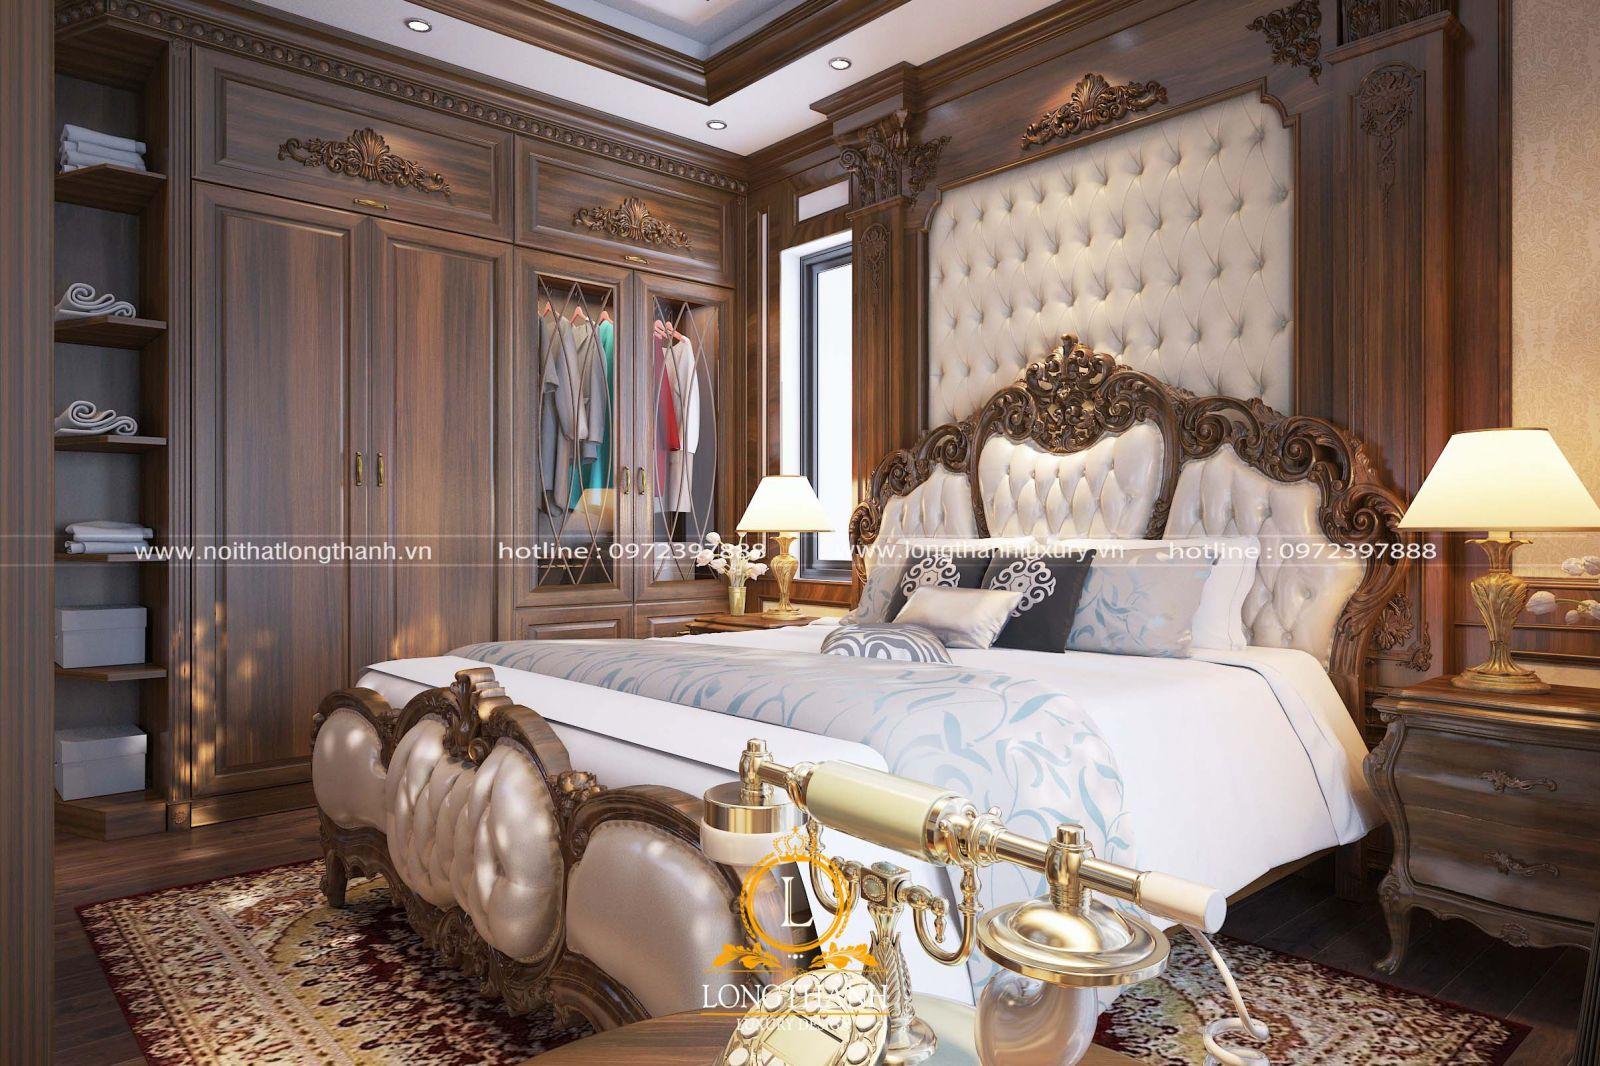 Tổng thể không gian phòng ngủ tân cổ điển ấn tượng với gỗ Óc chó